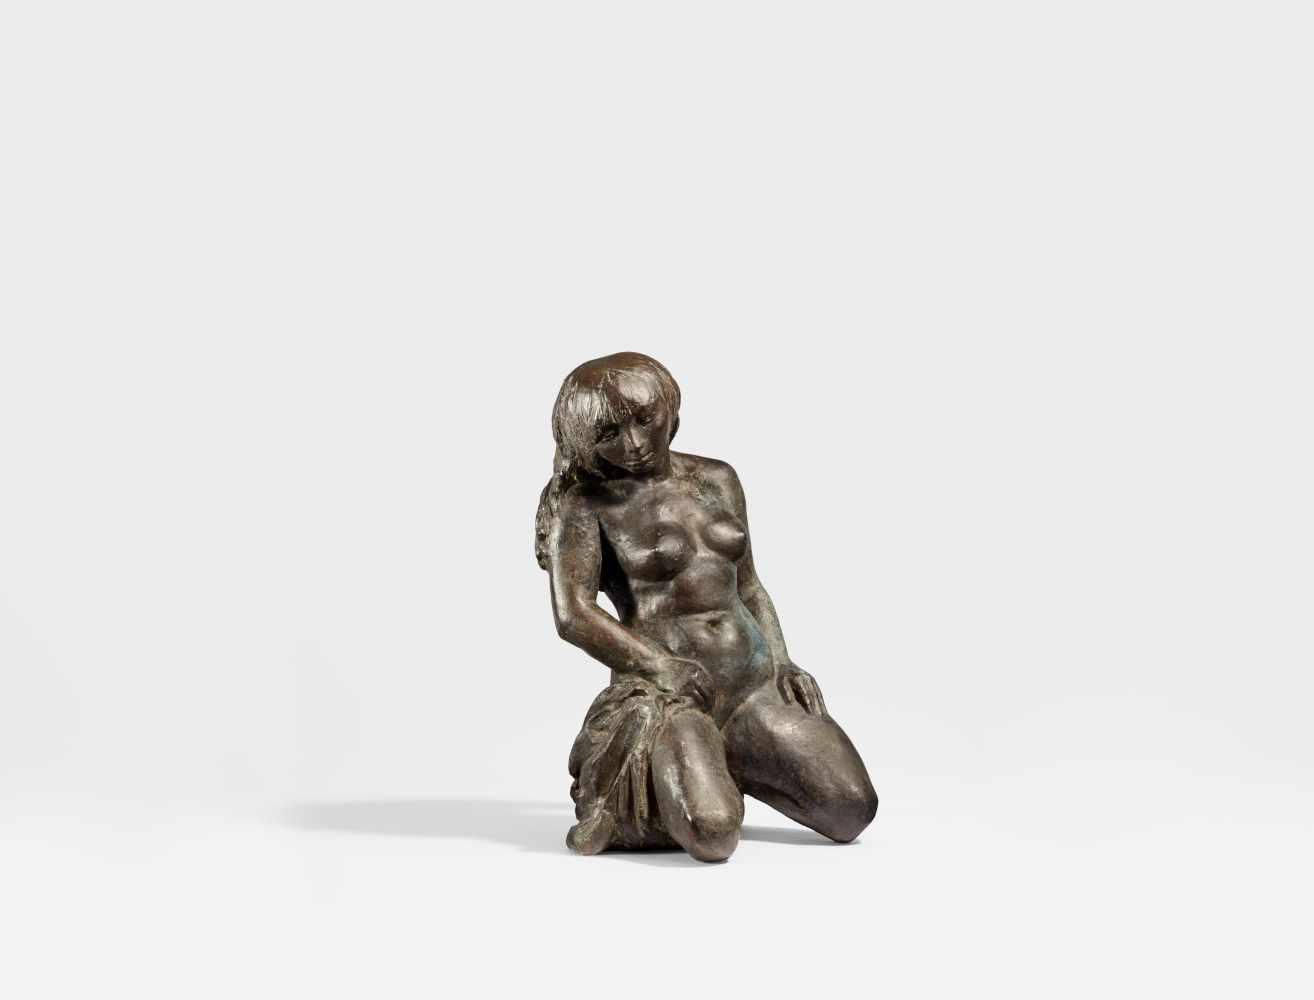 Los 18 - Grzimek, Waldemar1918 Rastenburg/East Prussia - 1984 BerlinKnieende. 1976. Bronze, black